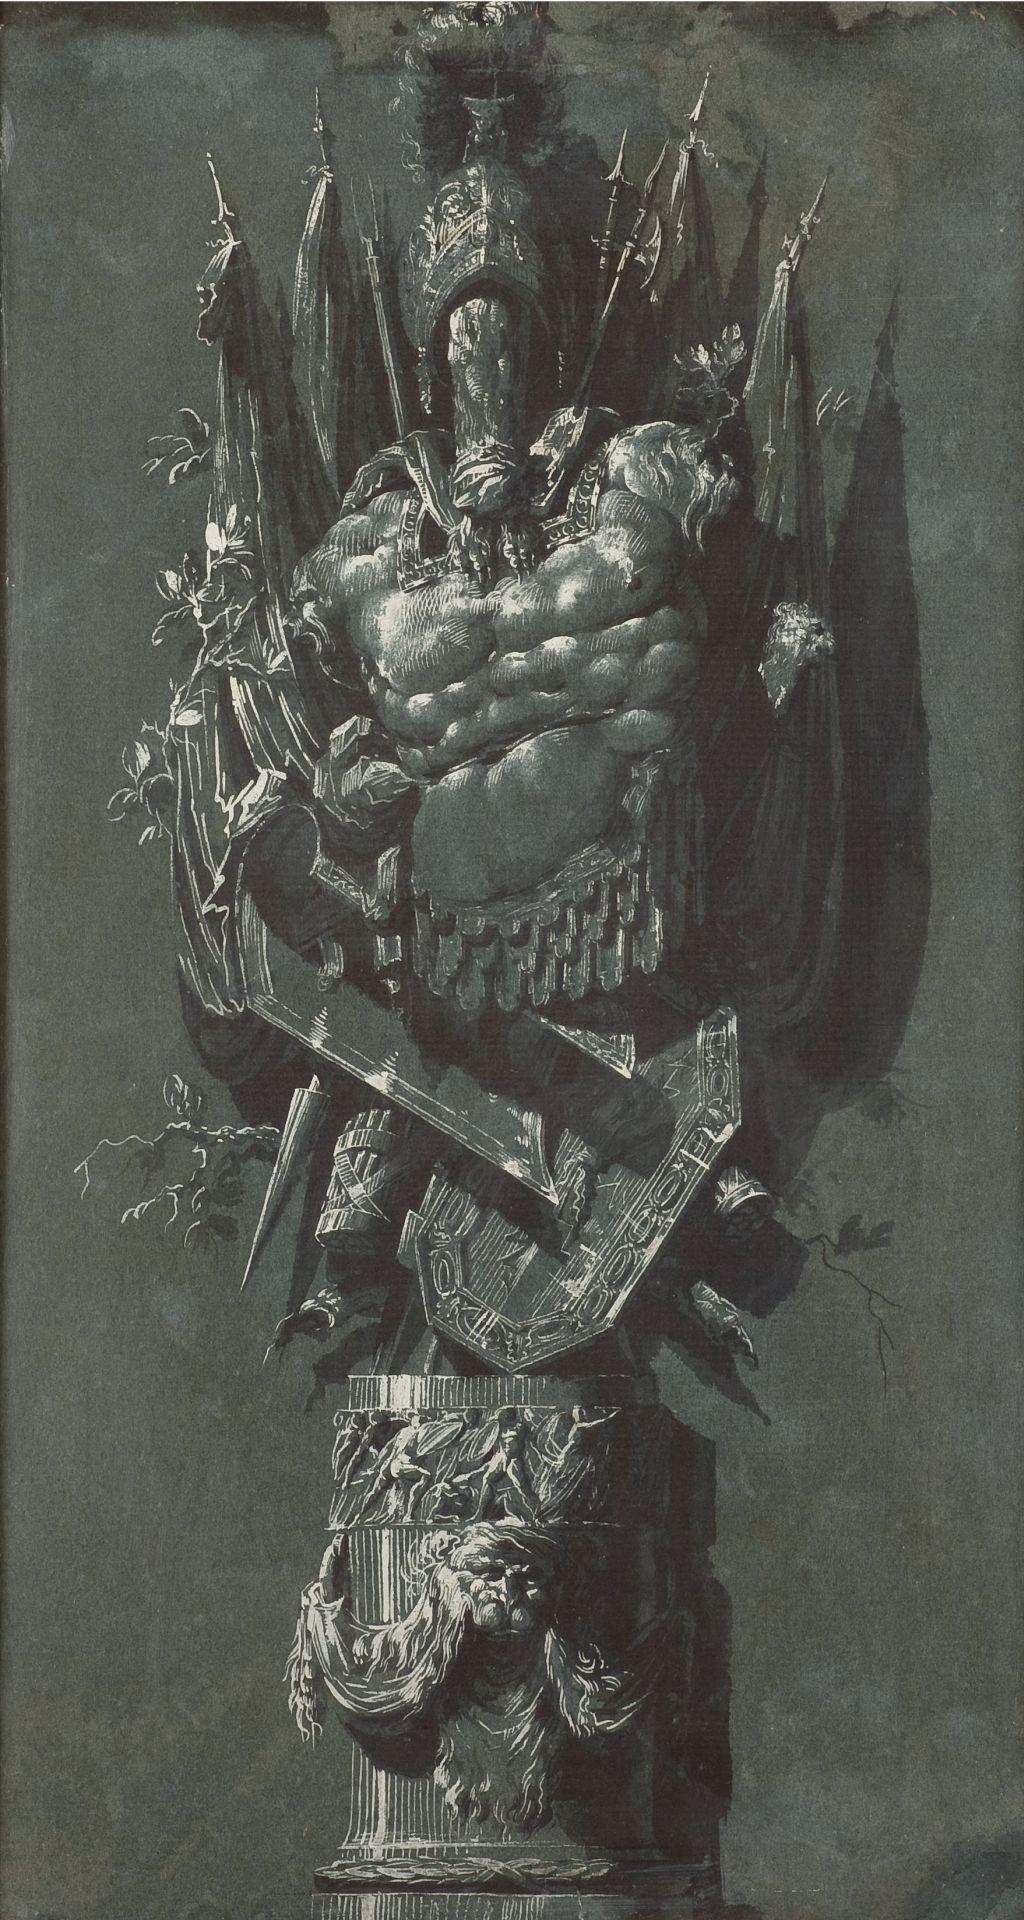 Luis Paret y Alcazar, Trofeo militar romano: de Artur Ramon Art al Museo del Prado